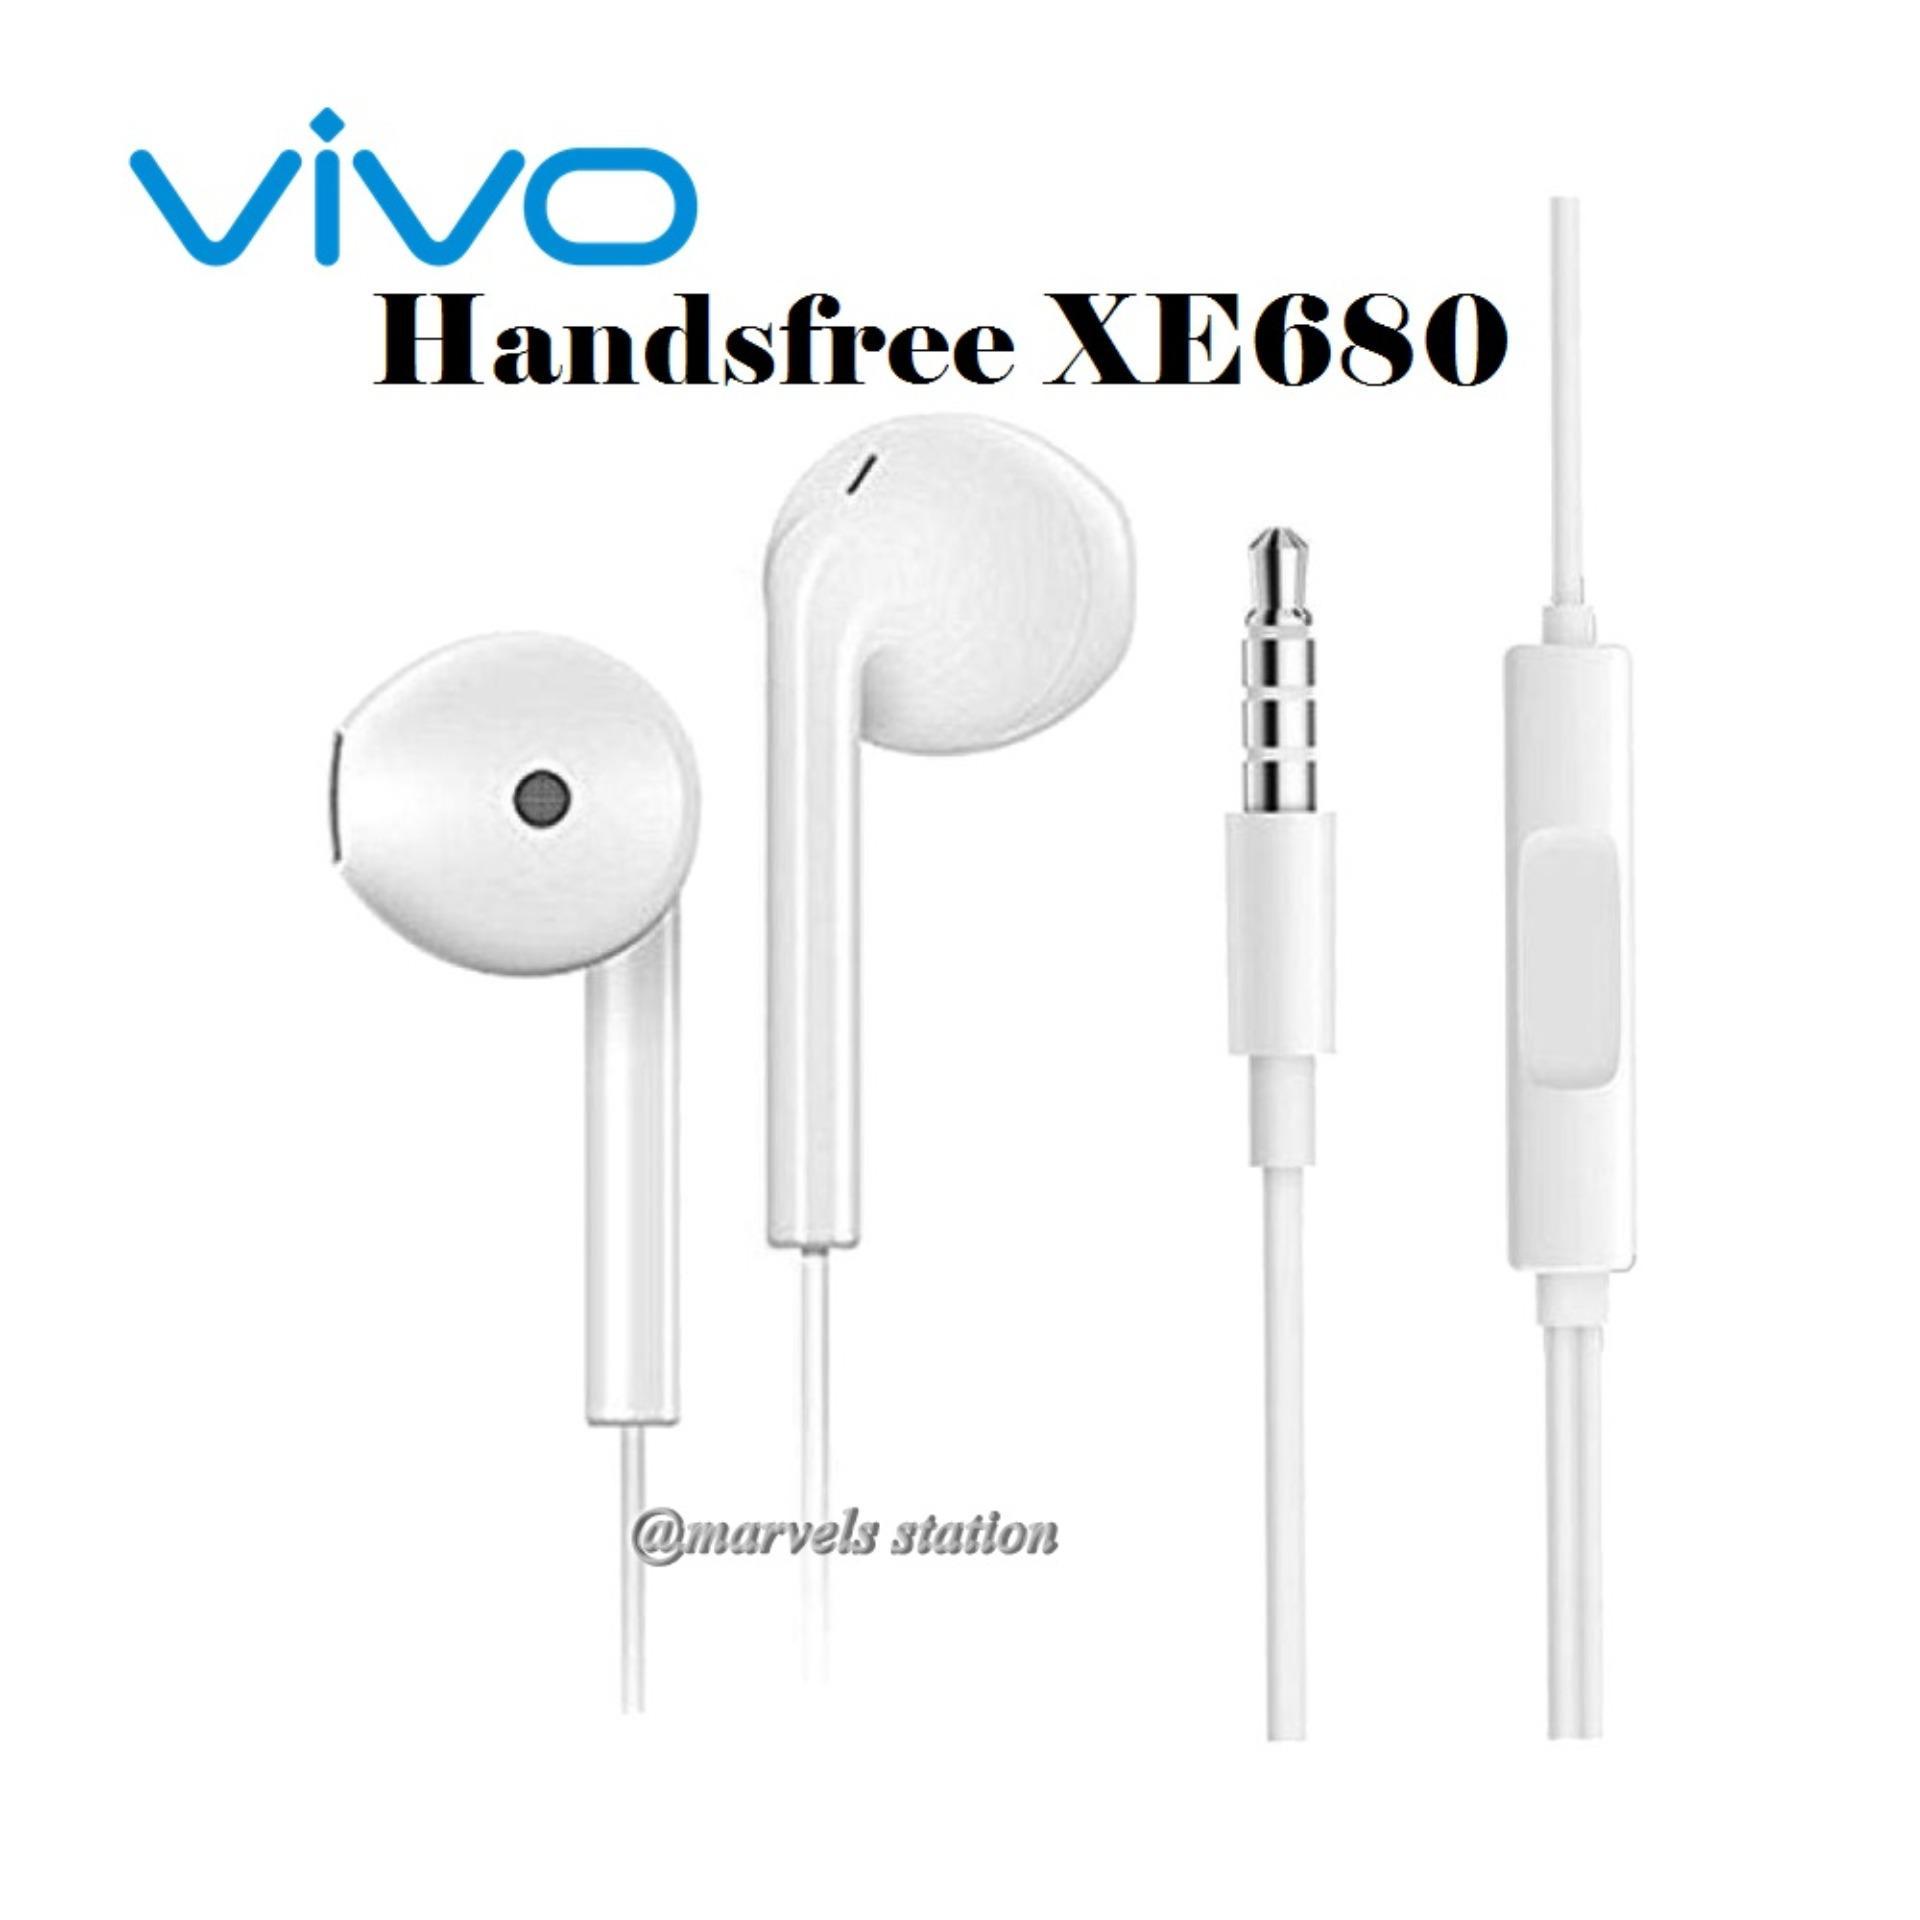 Rp 65.000. Vivo Handsfree/Headset/ In Ear/ Earphone type XE680 ...